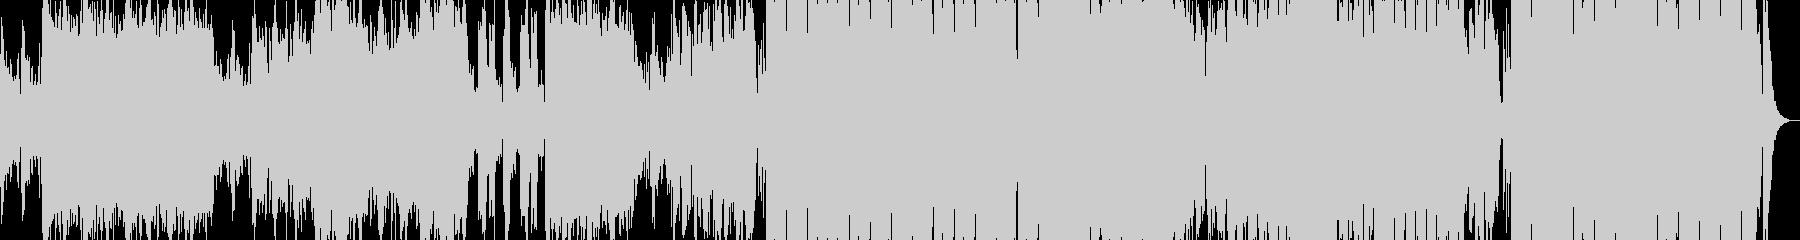 広大な日本神話のイメージの未再生の波形